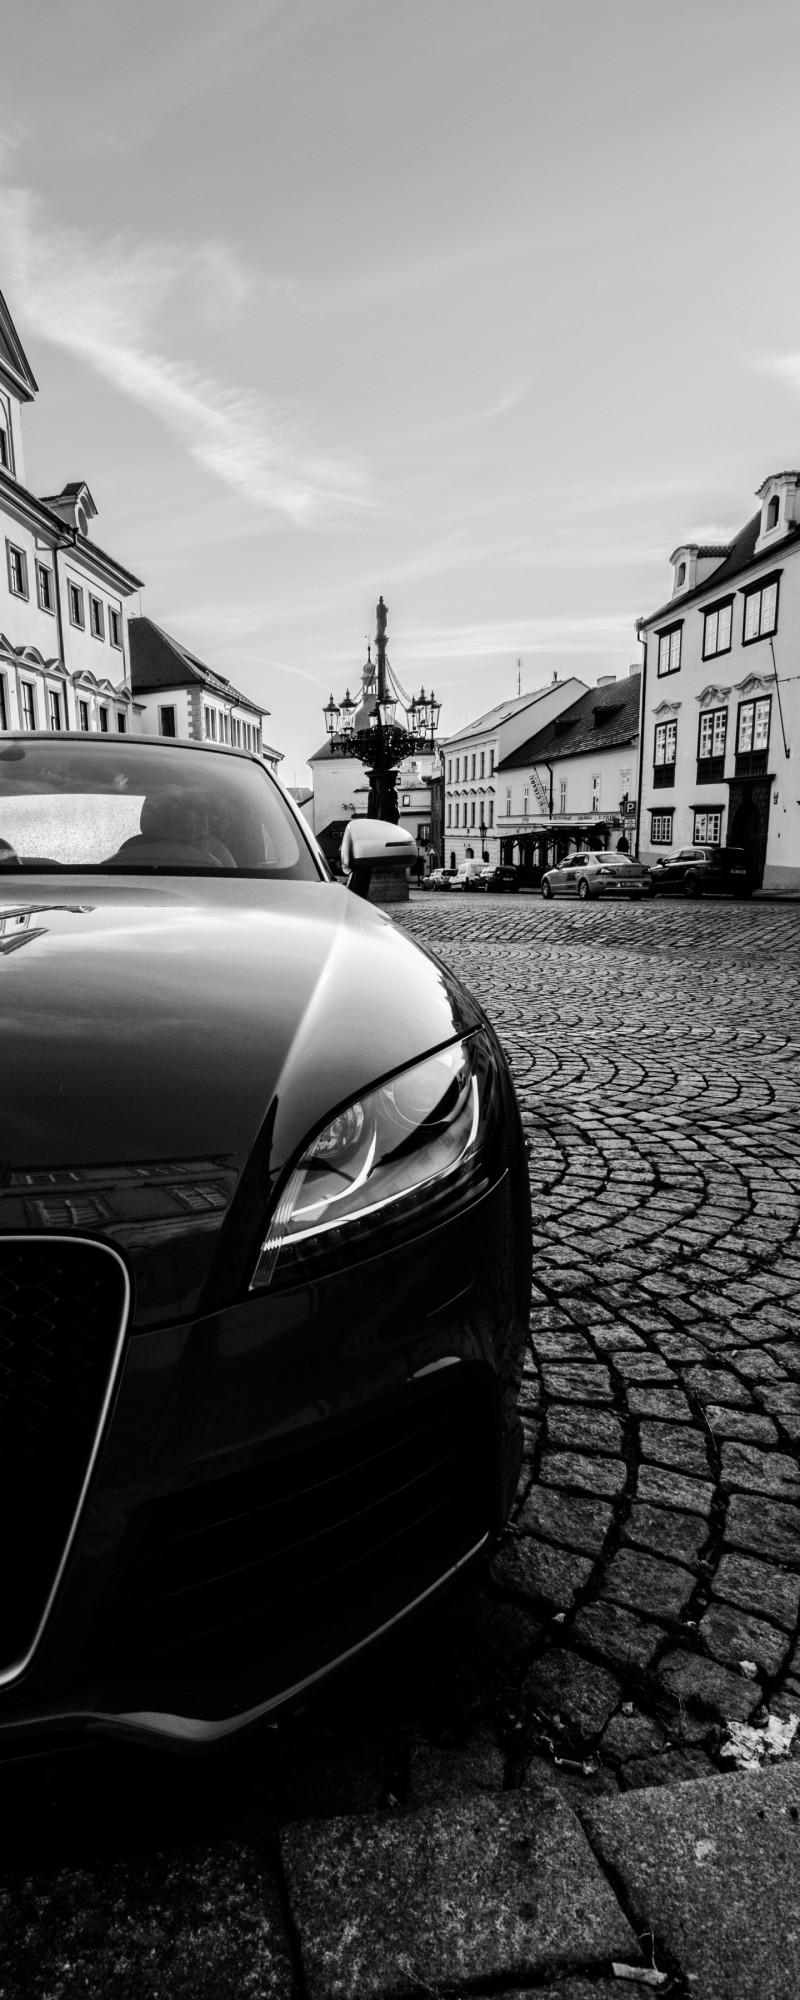 Audi A4 in Prague